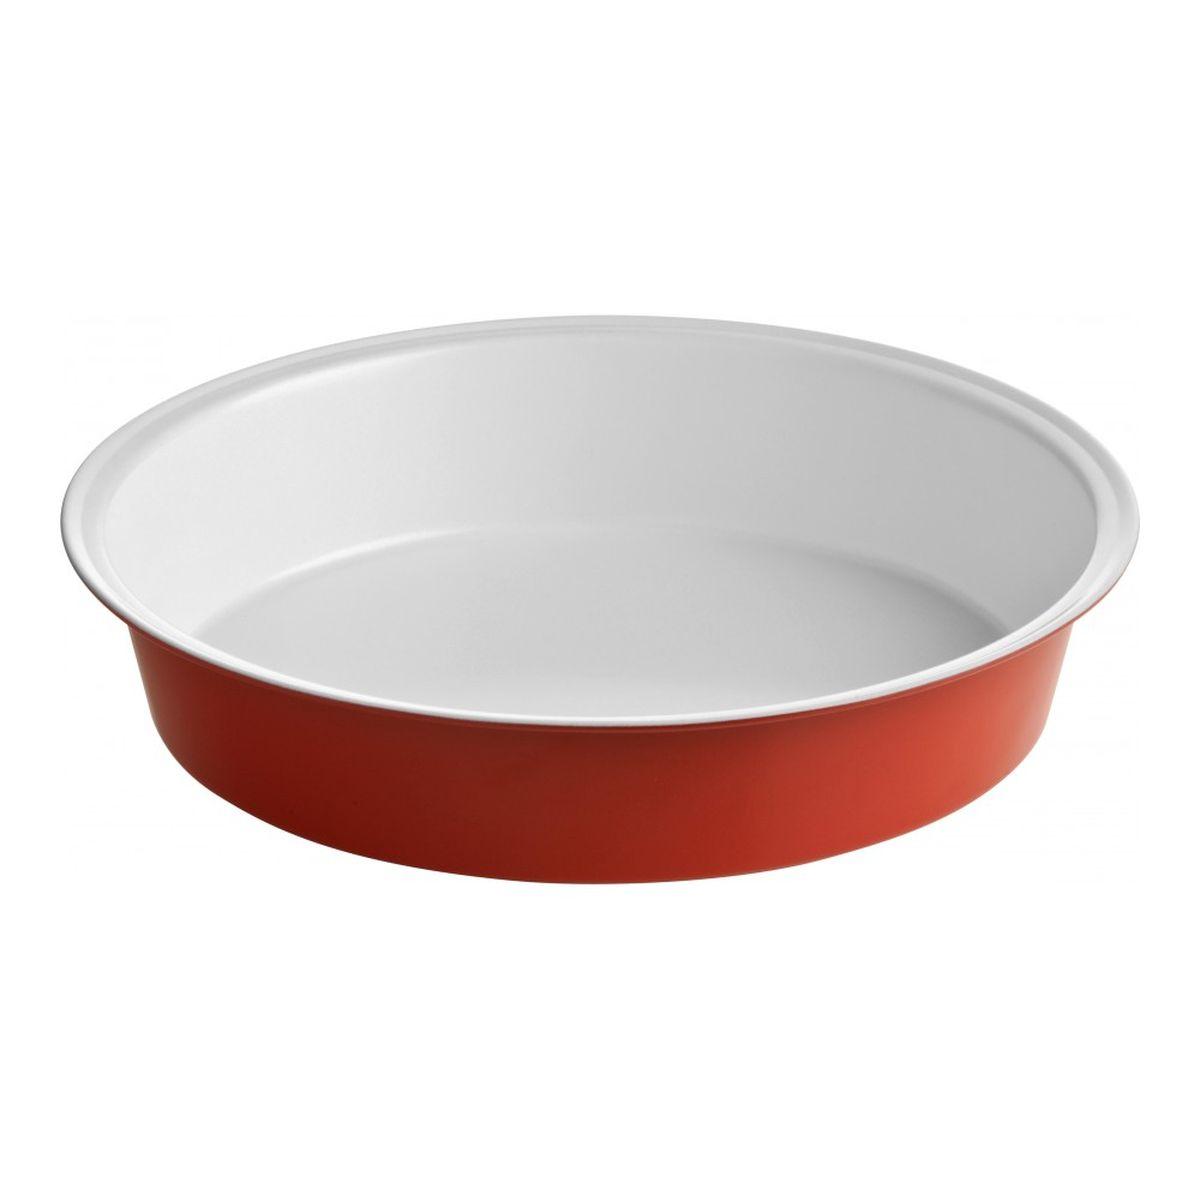 Форма для запекания Premier Housewares Eco Cook, круглая, диаметр 26 см0104319Форма для запекания Eco Cook подойдет для приготовления вкусного и полезного обеда для всей семьи. В ее изготовлении используется высококачественная нержавеющая сталь, которая отличается превосходными теплопроводными свойствами. Форма имеет уникальное антипригарное покрытие из керамики, что позволяет использовать минимум масла или жира в процессе запекания блюда. Можно мыть в посудомоечной машине.